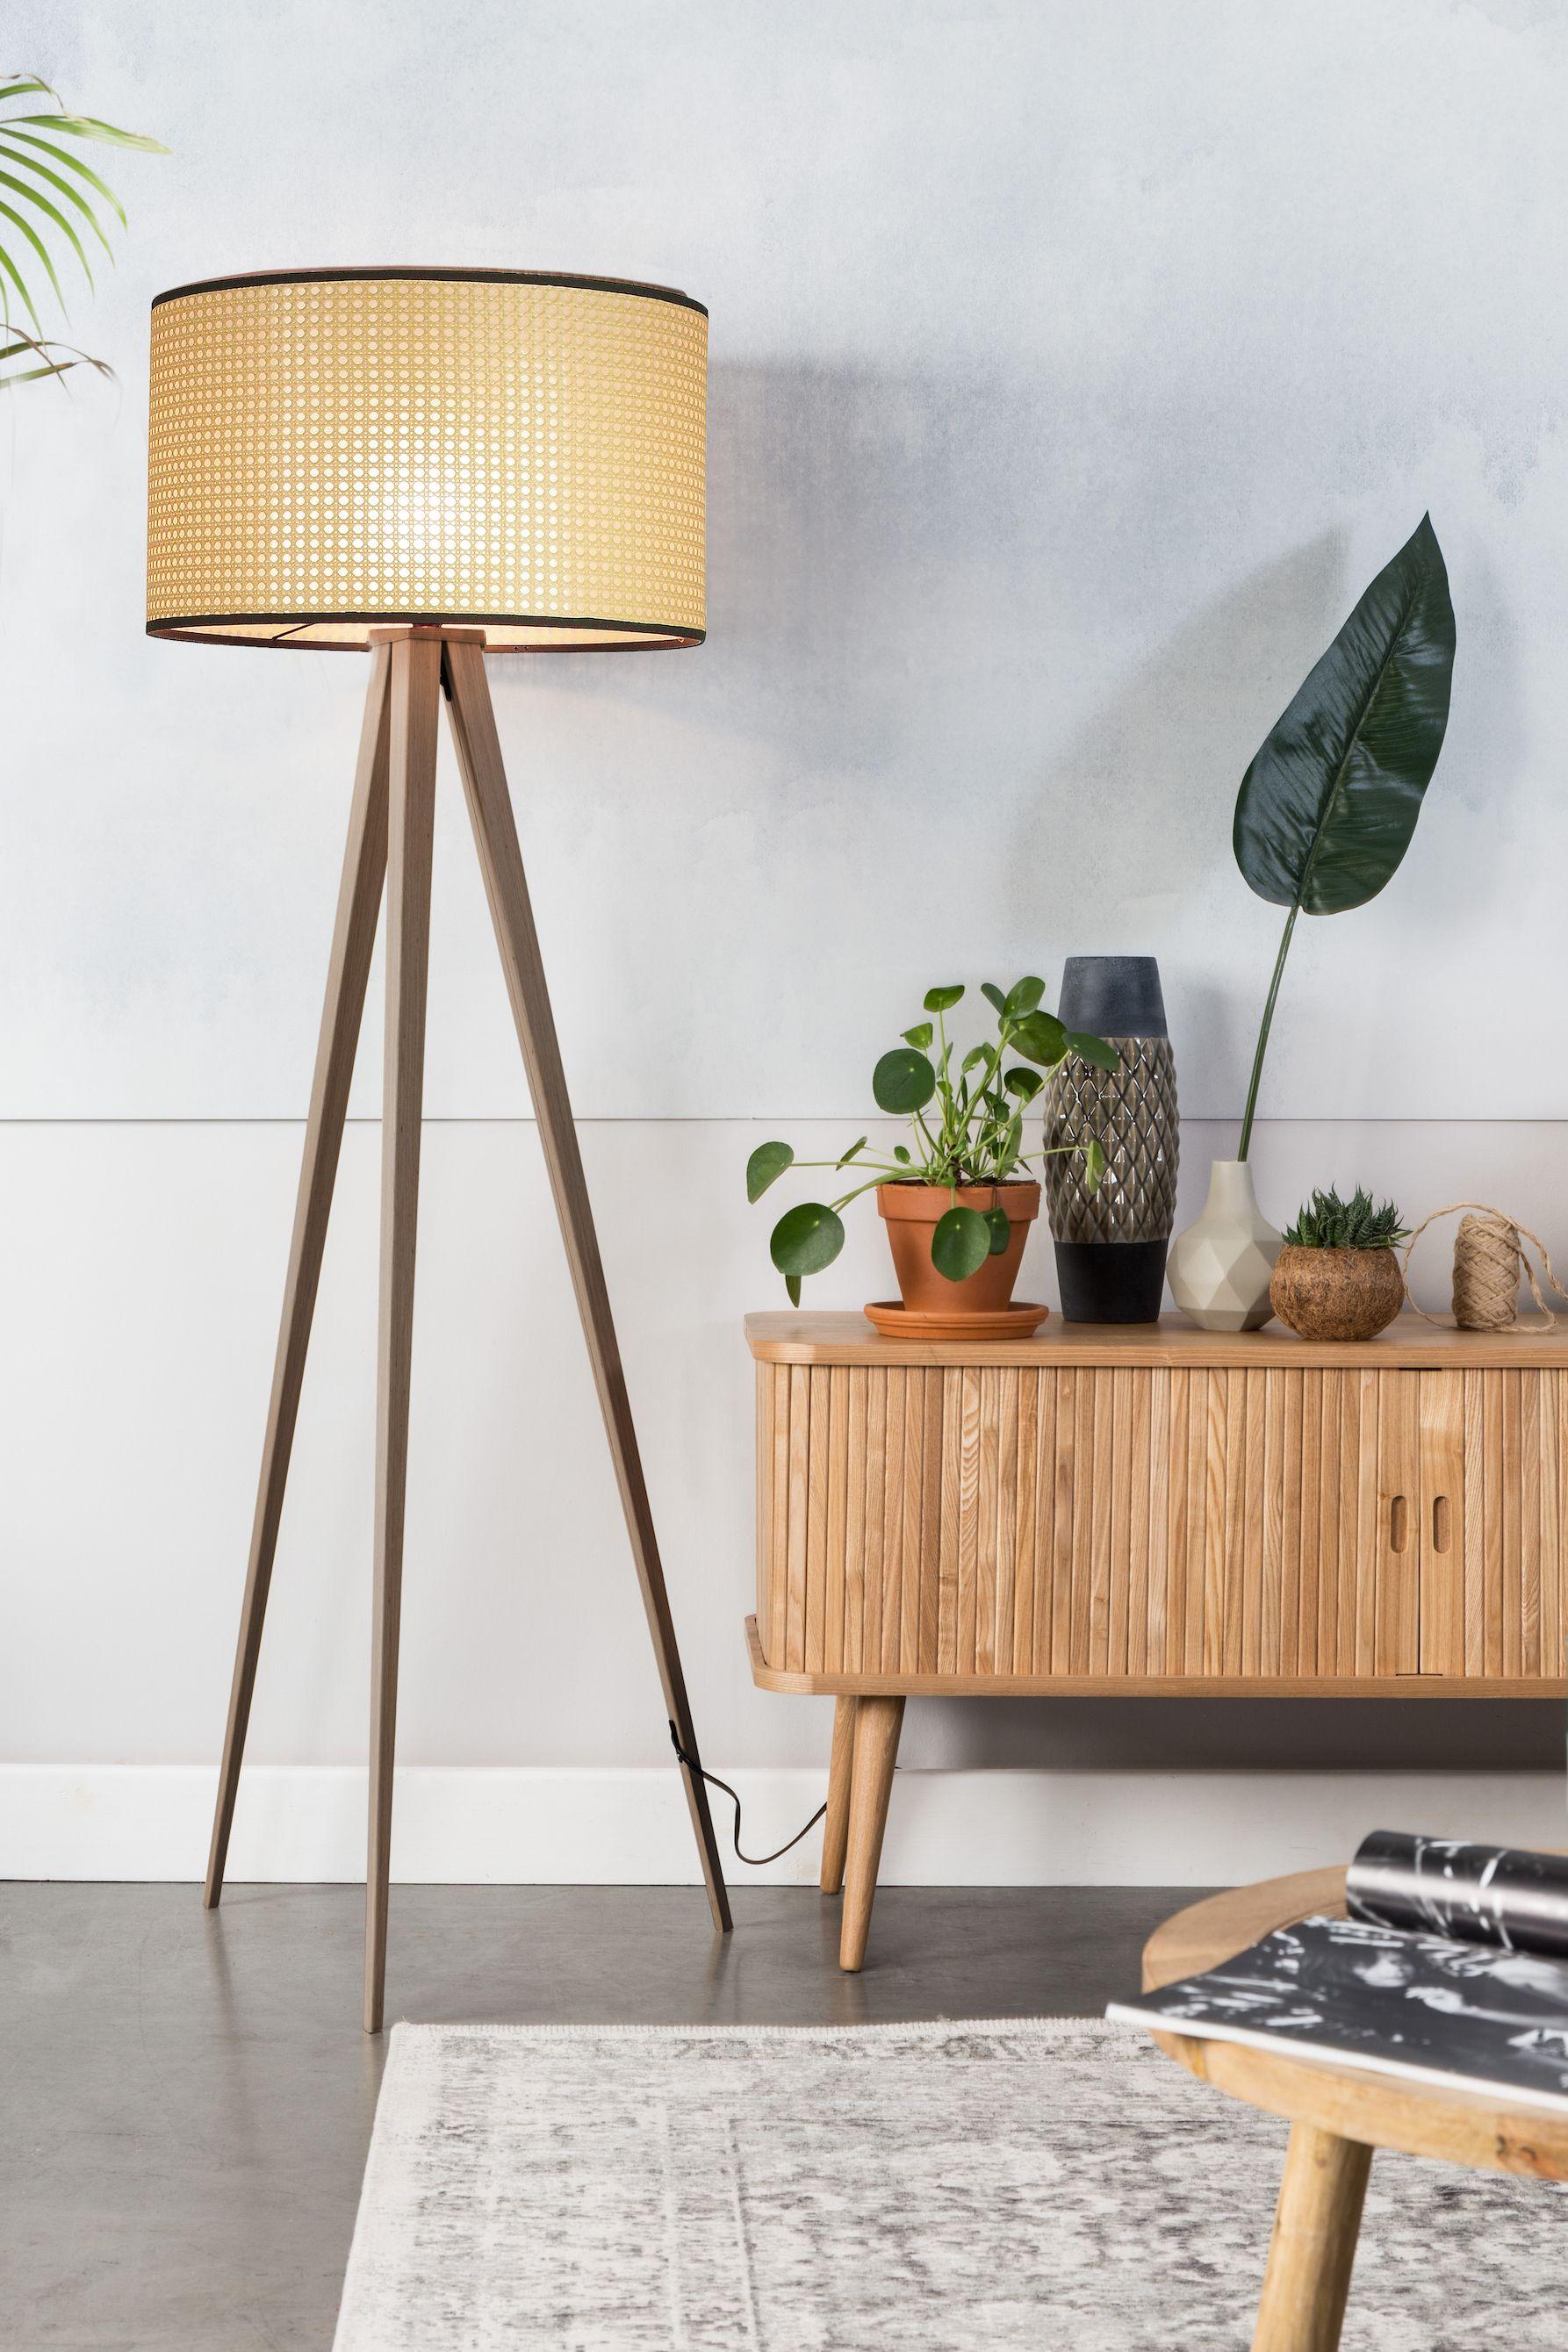 epingle sur lamp luminaire design et